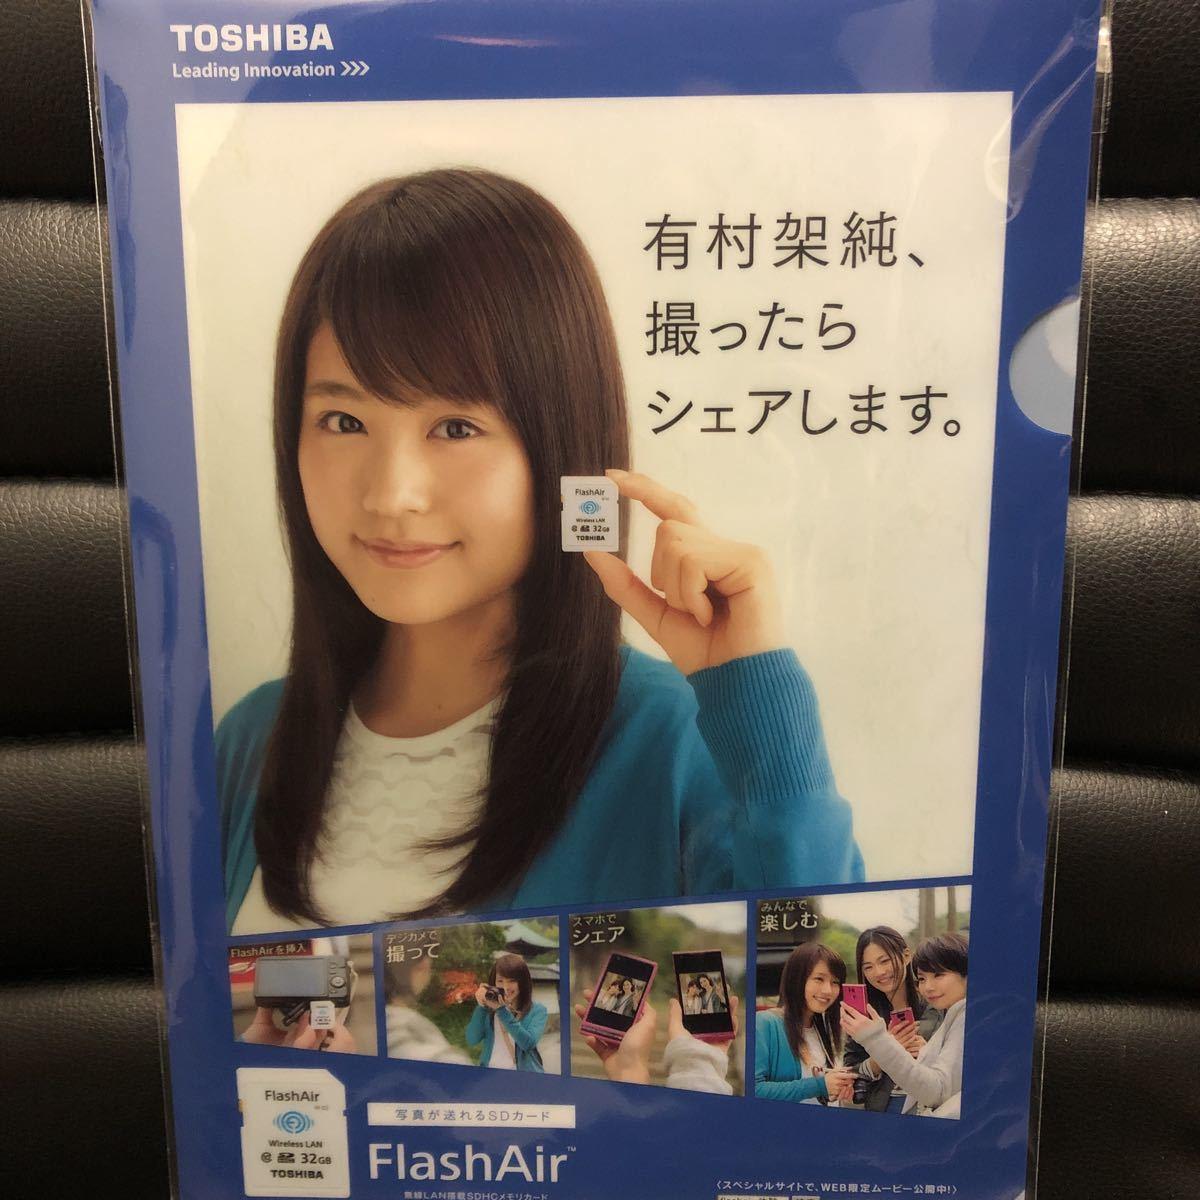 未使用★有村架純 東芝 Flash Air 非売品クリアファイル★_画像4